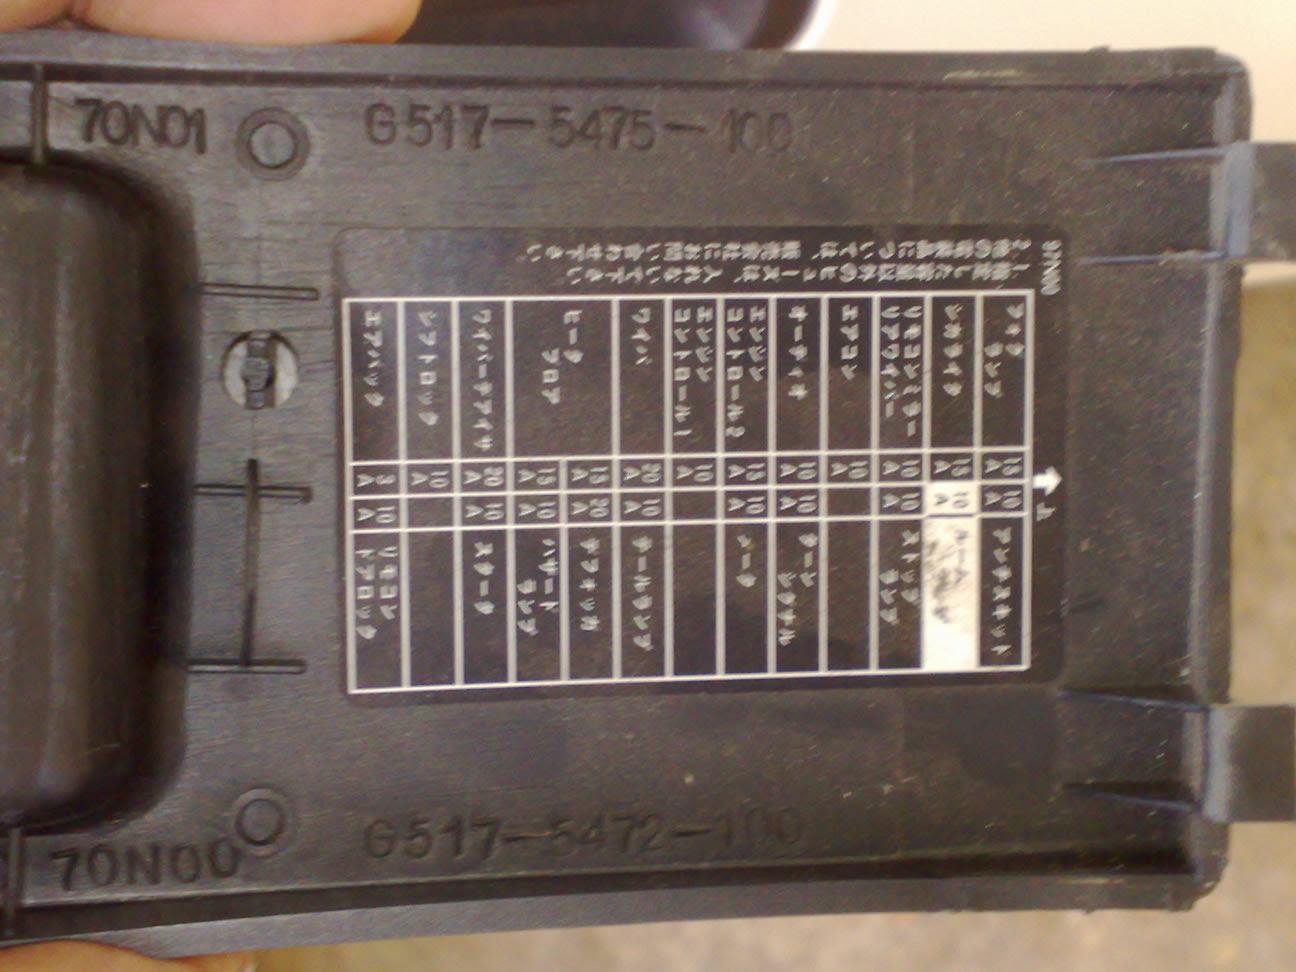 Nissan B13 Fuse Box Free Yamaha Atv Wiring Diagram Bege Wiring Diagram